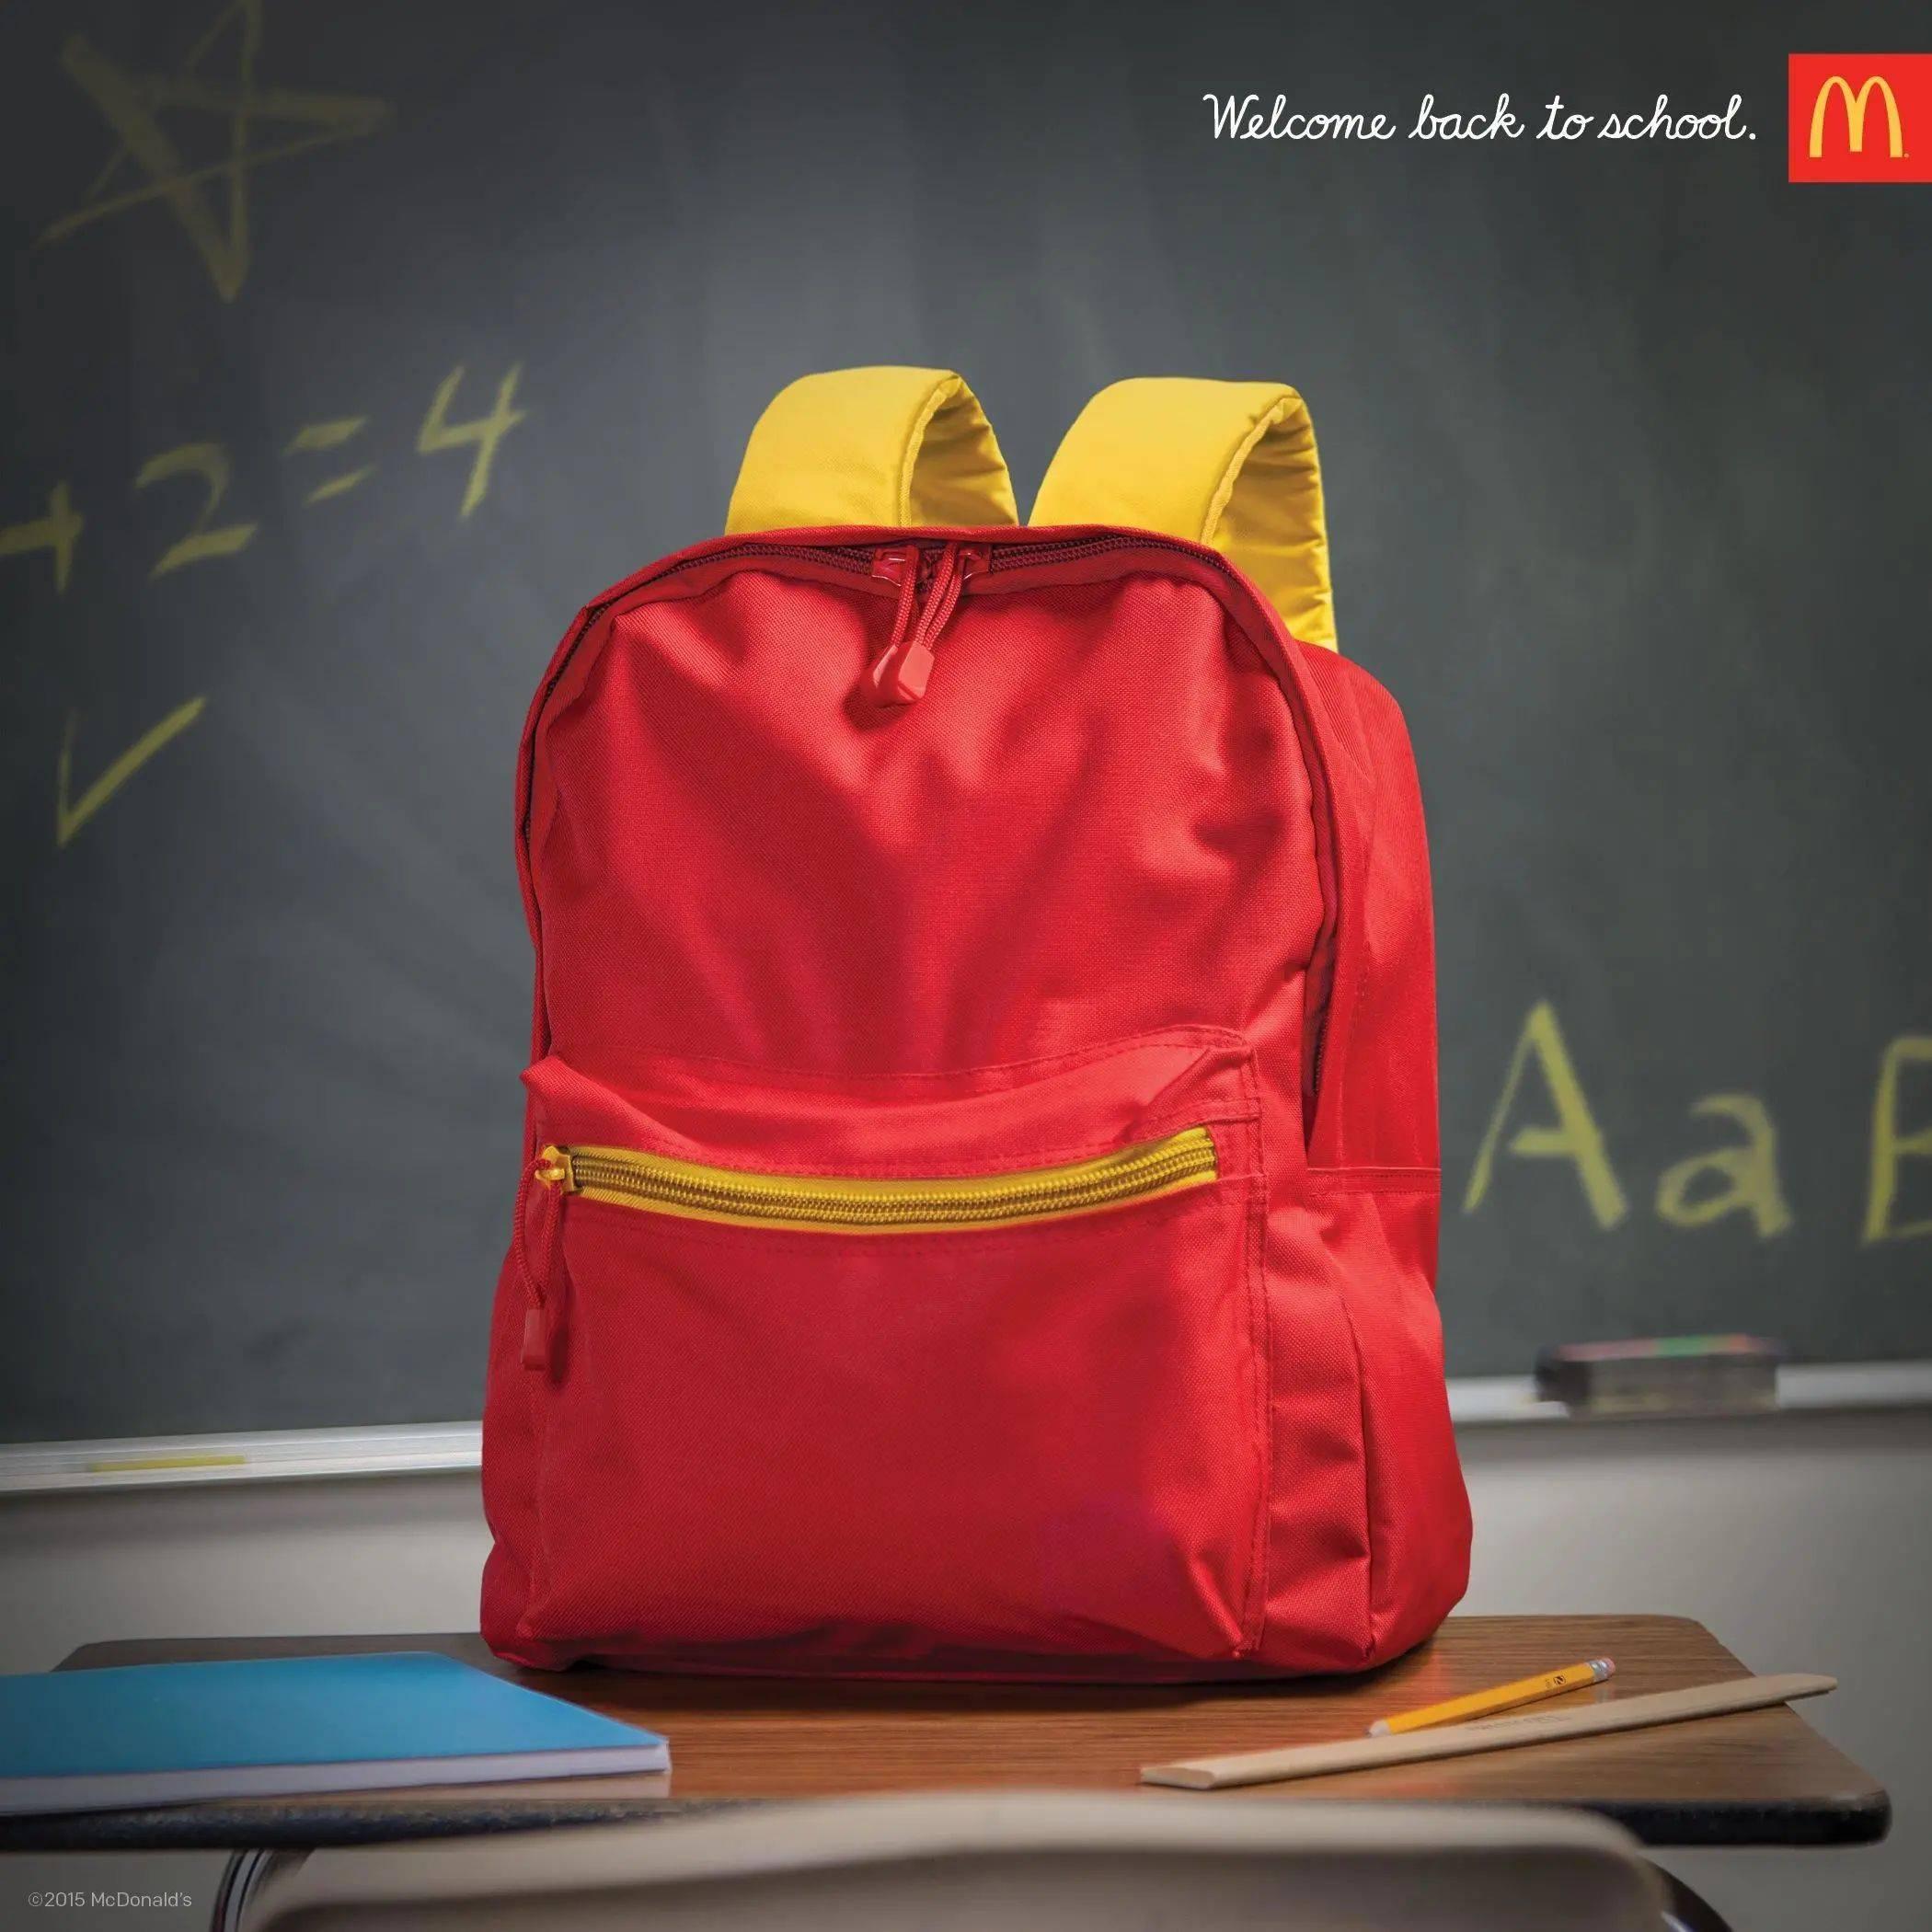 鸟哥笔记,营销推广,新媒虎,开学季,策划,热点,文案,案例